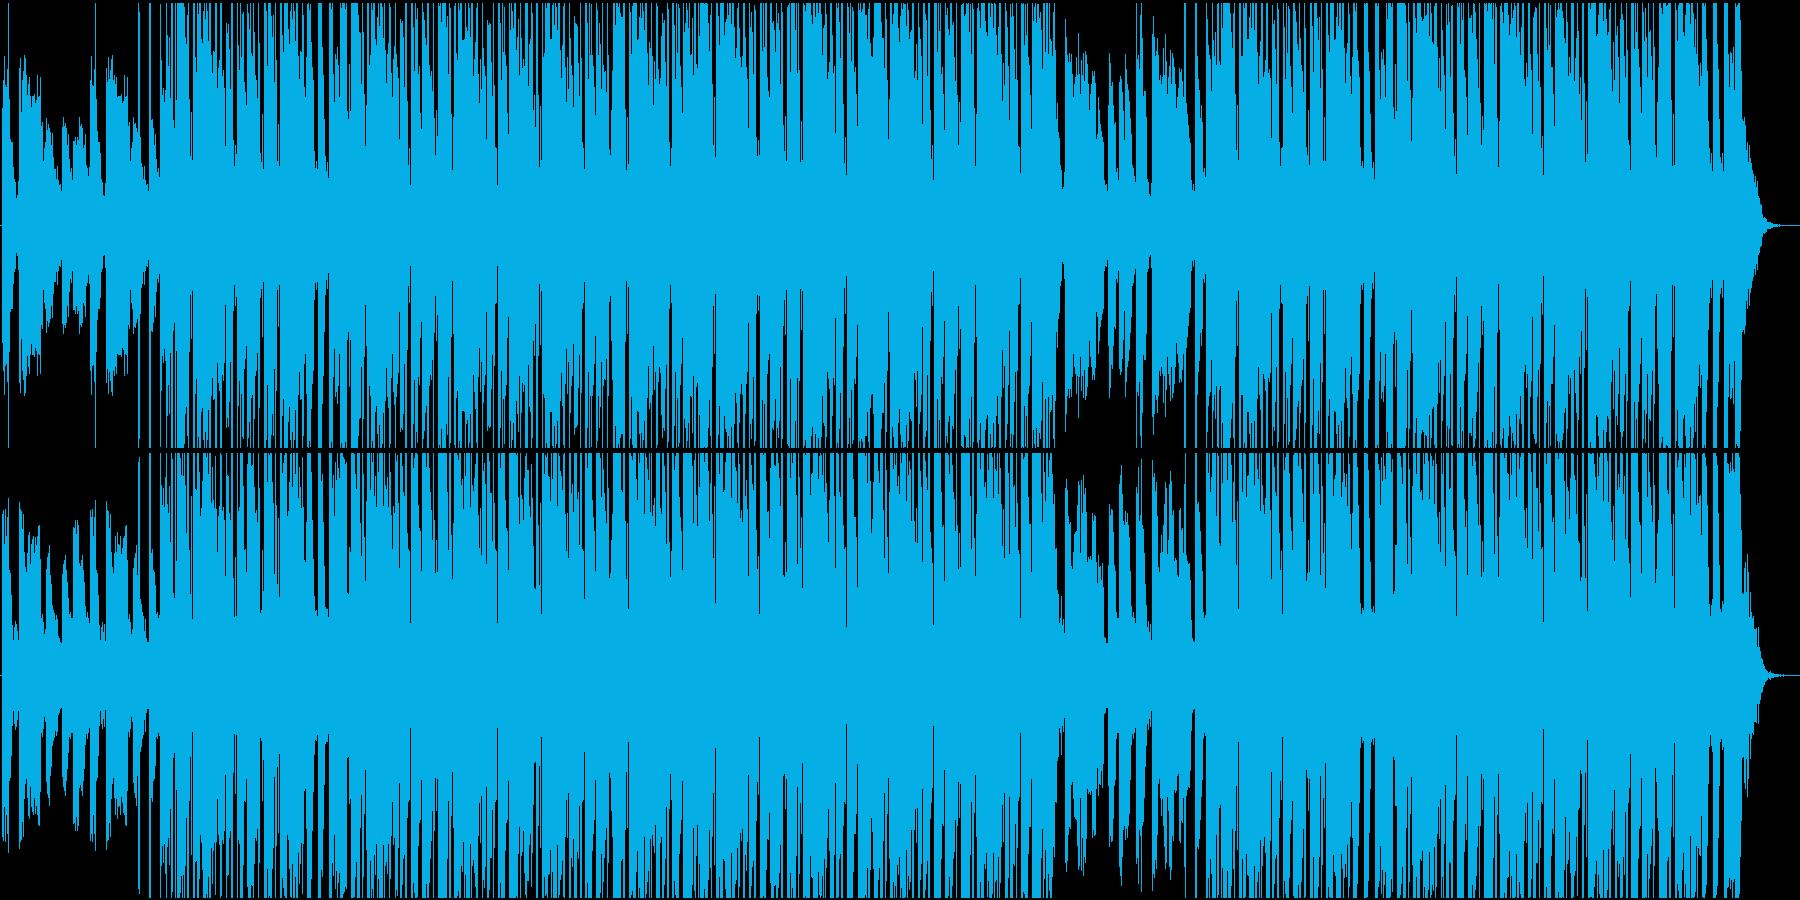 エモーショナルHIPHOPタイムラプスの再生済みの波形